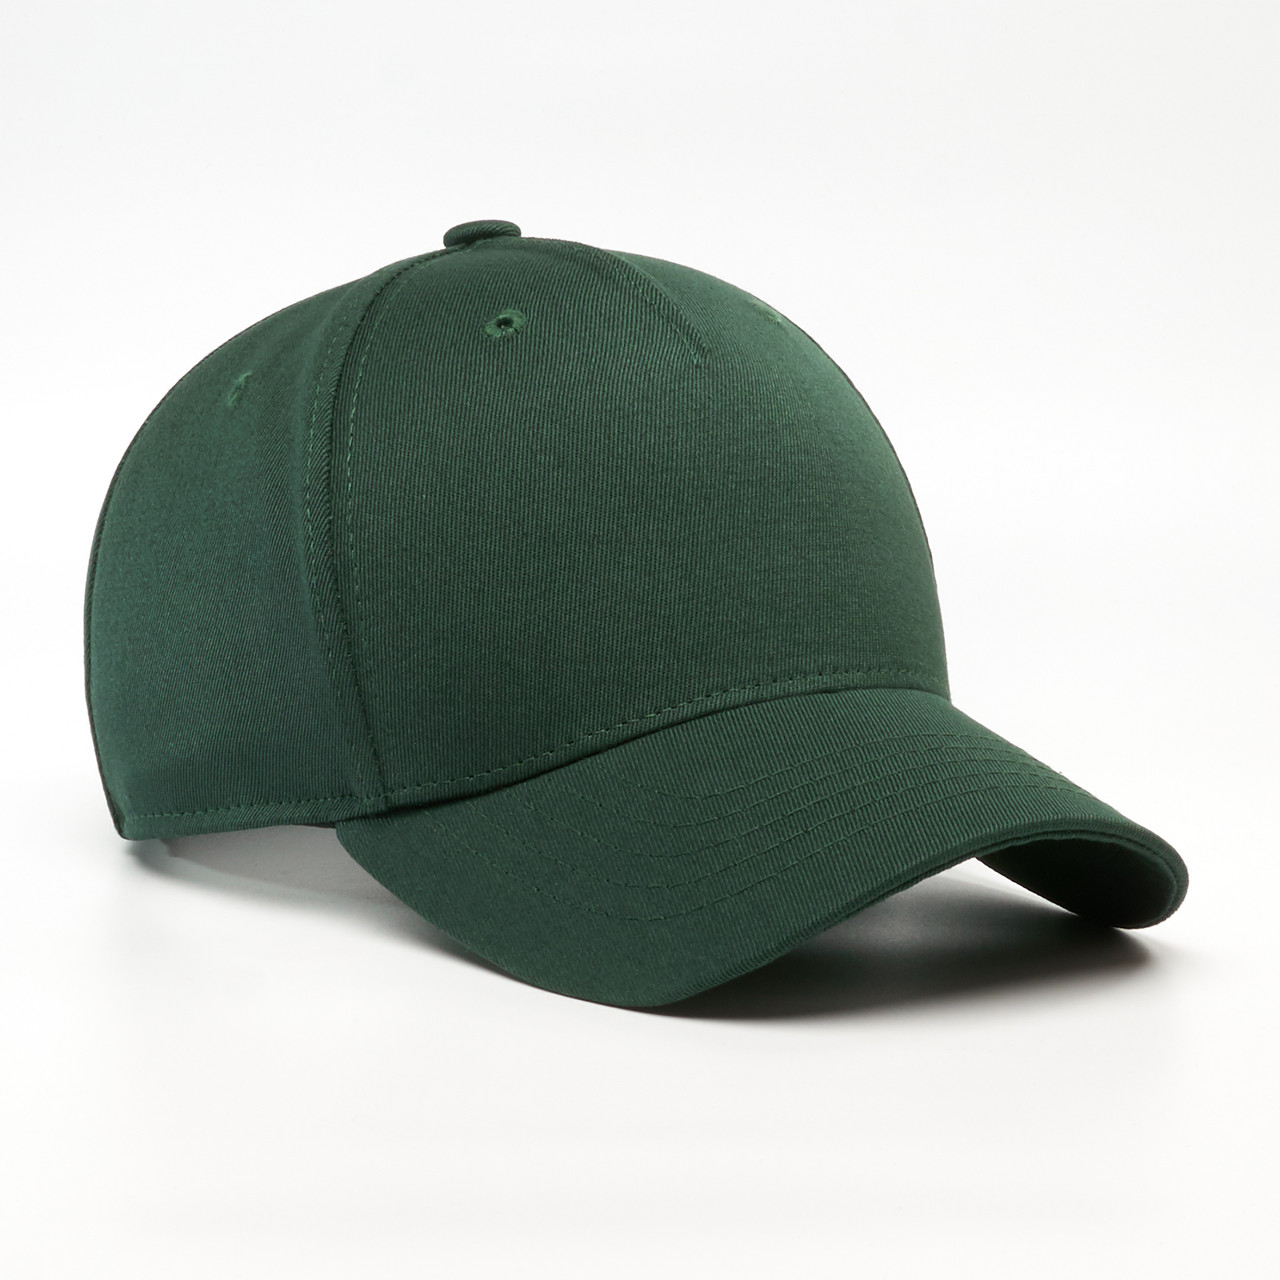 Детская кепка без логотипа INAL 5 панелей XS / 51-52 RU Зеленый 225151